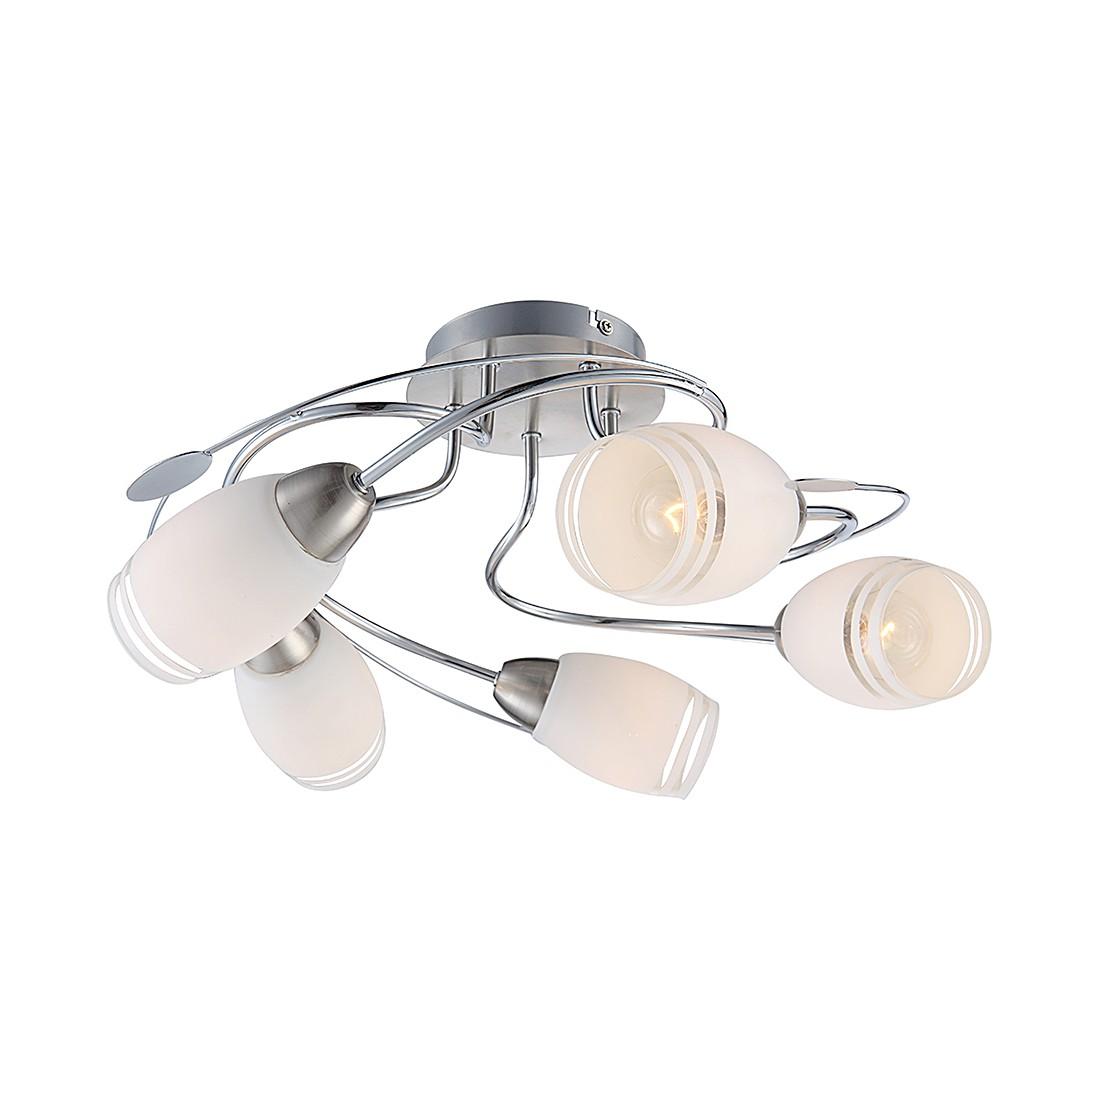 EEK A++, Deckenleuchte DL NICKEL MATT, CHROM, 5XE14 – Metall – Silber – 5-flammig, Globo Lighting kaufen